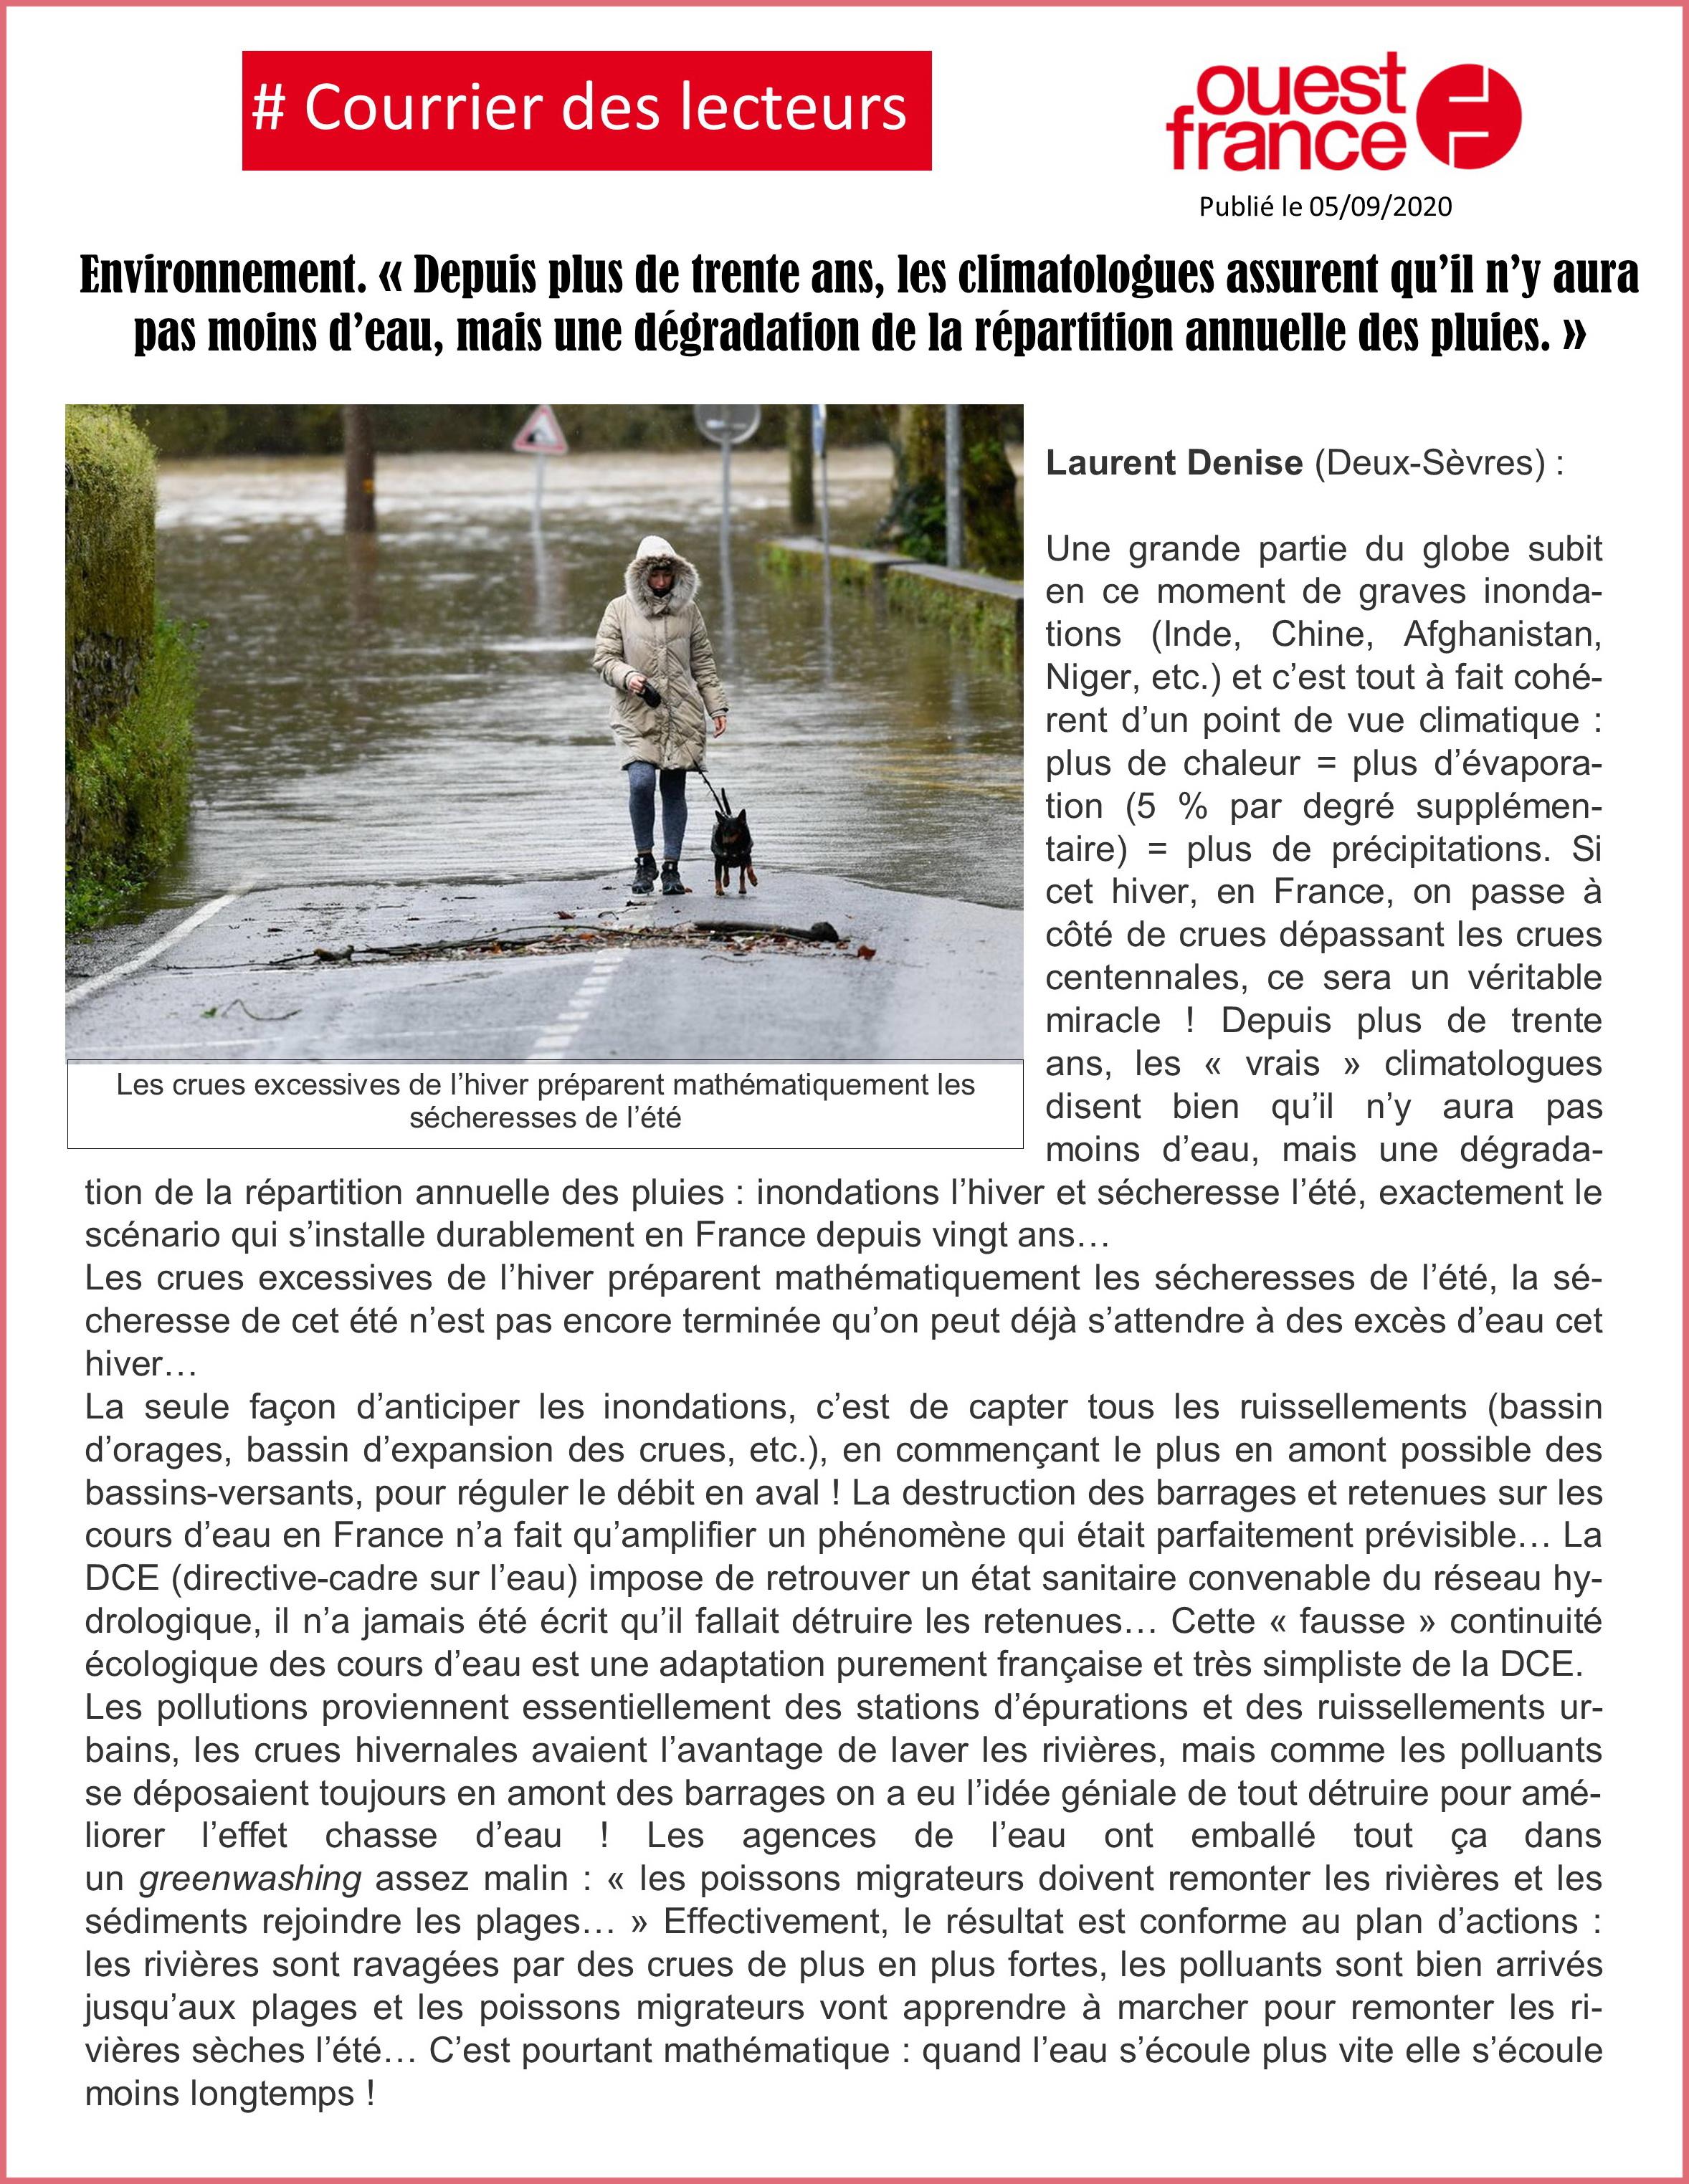 Courrier des lecteurs Ouest France